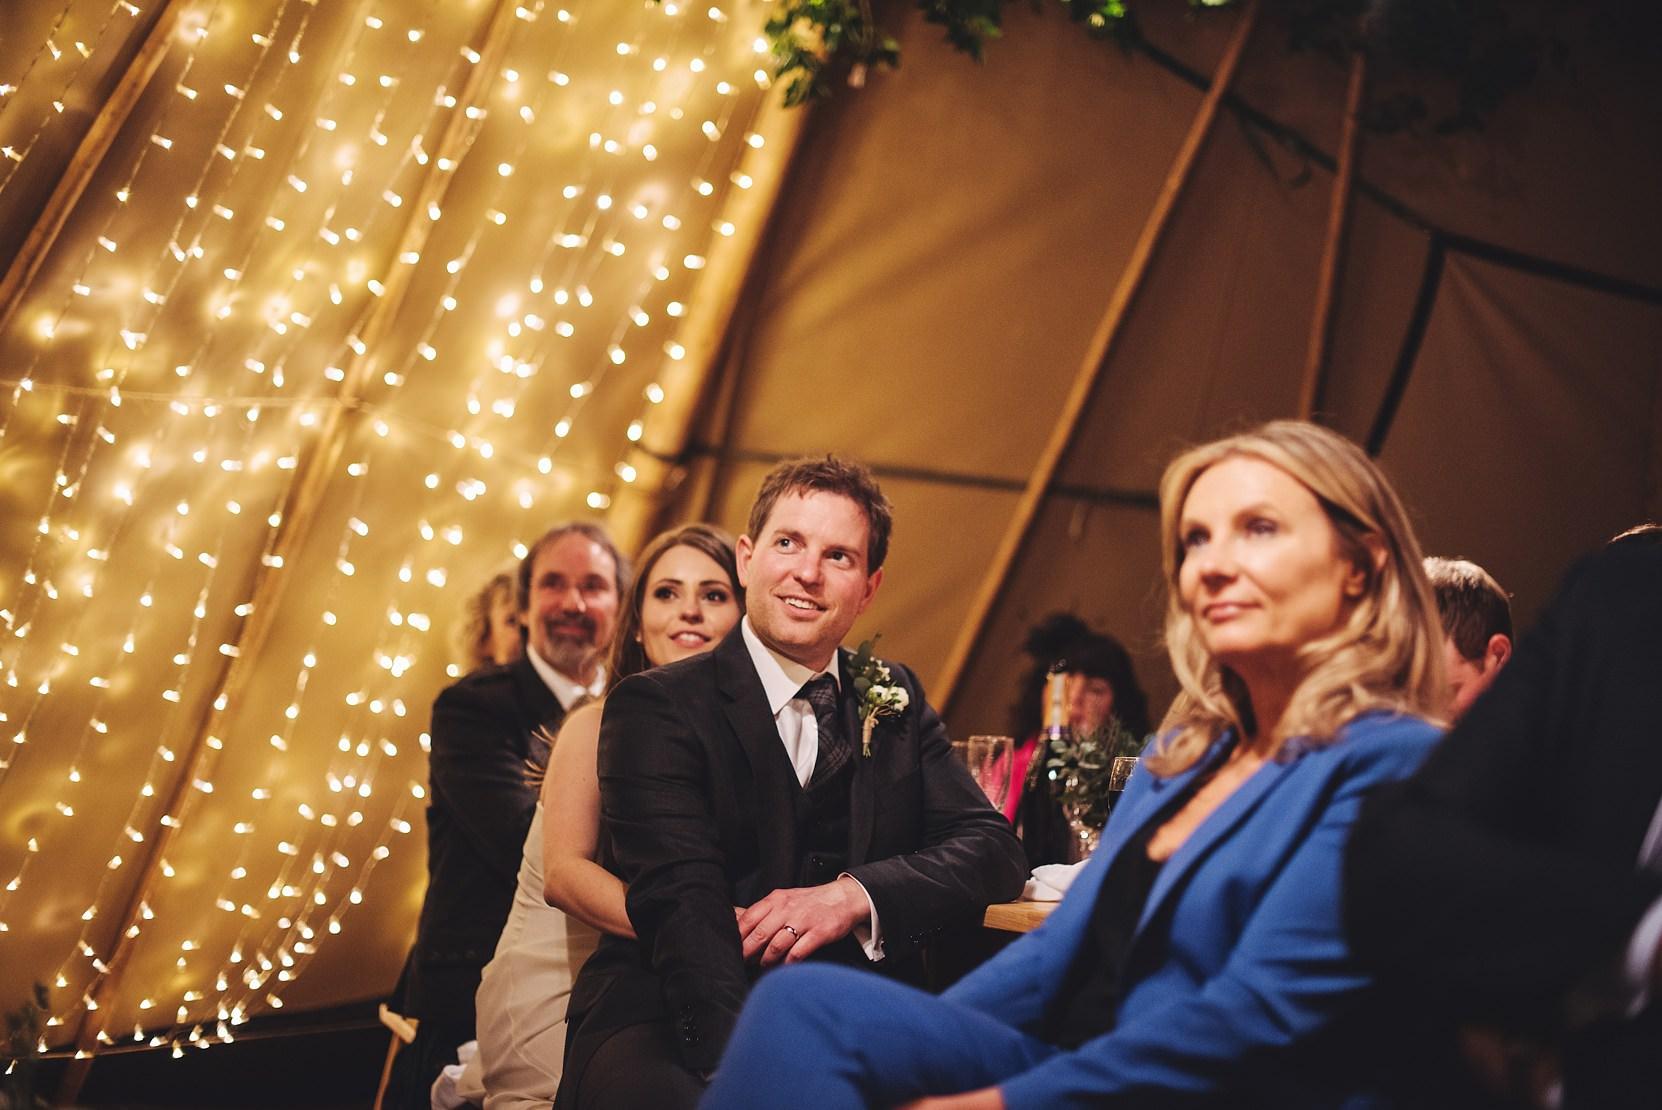 Portnoo-Wedding-Photography_0141